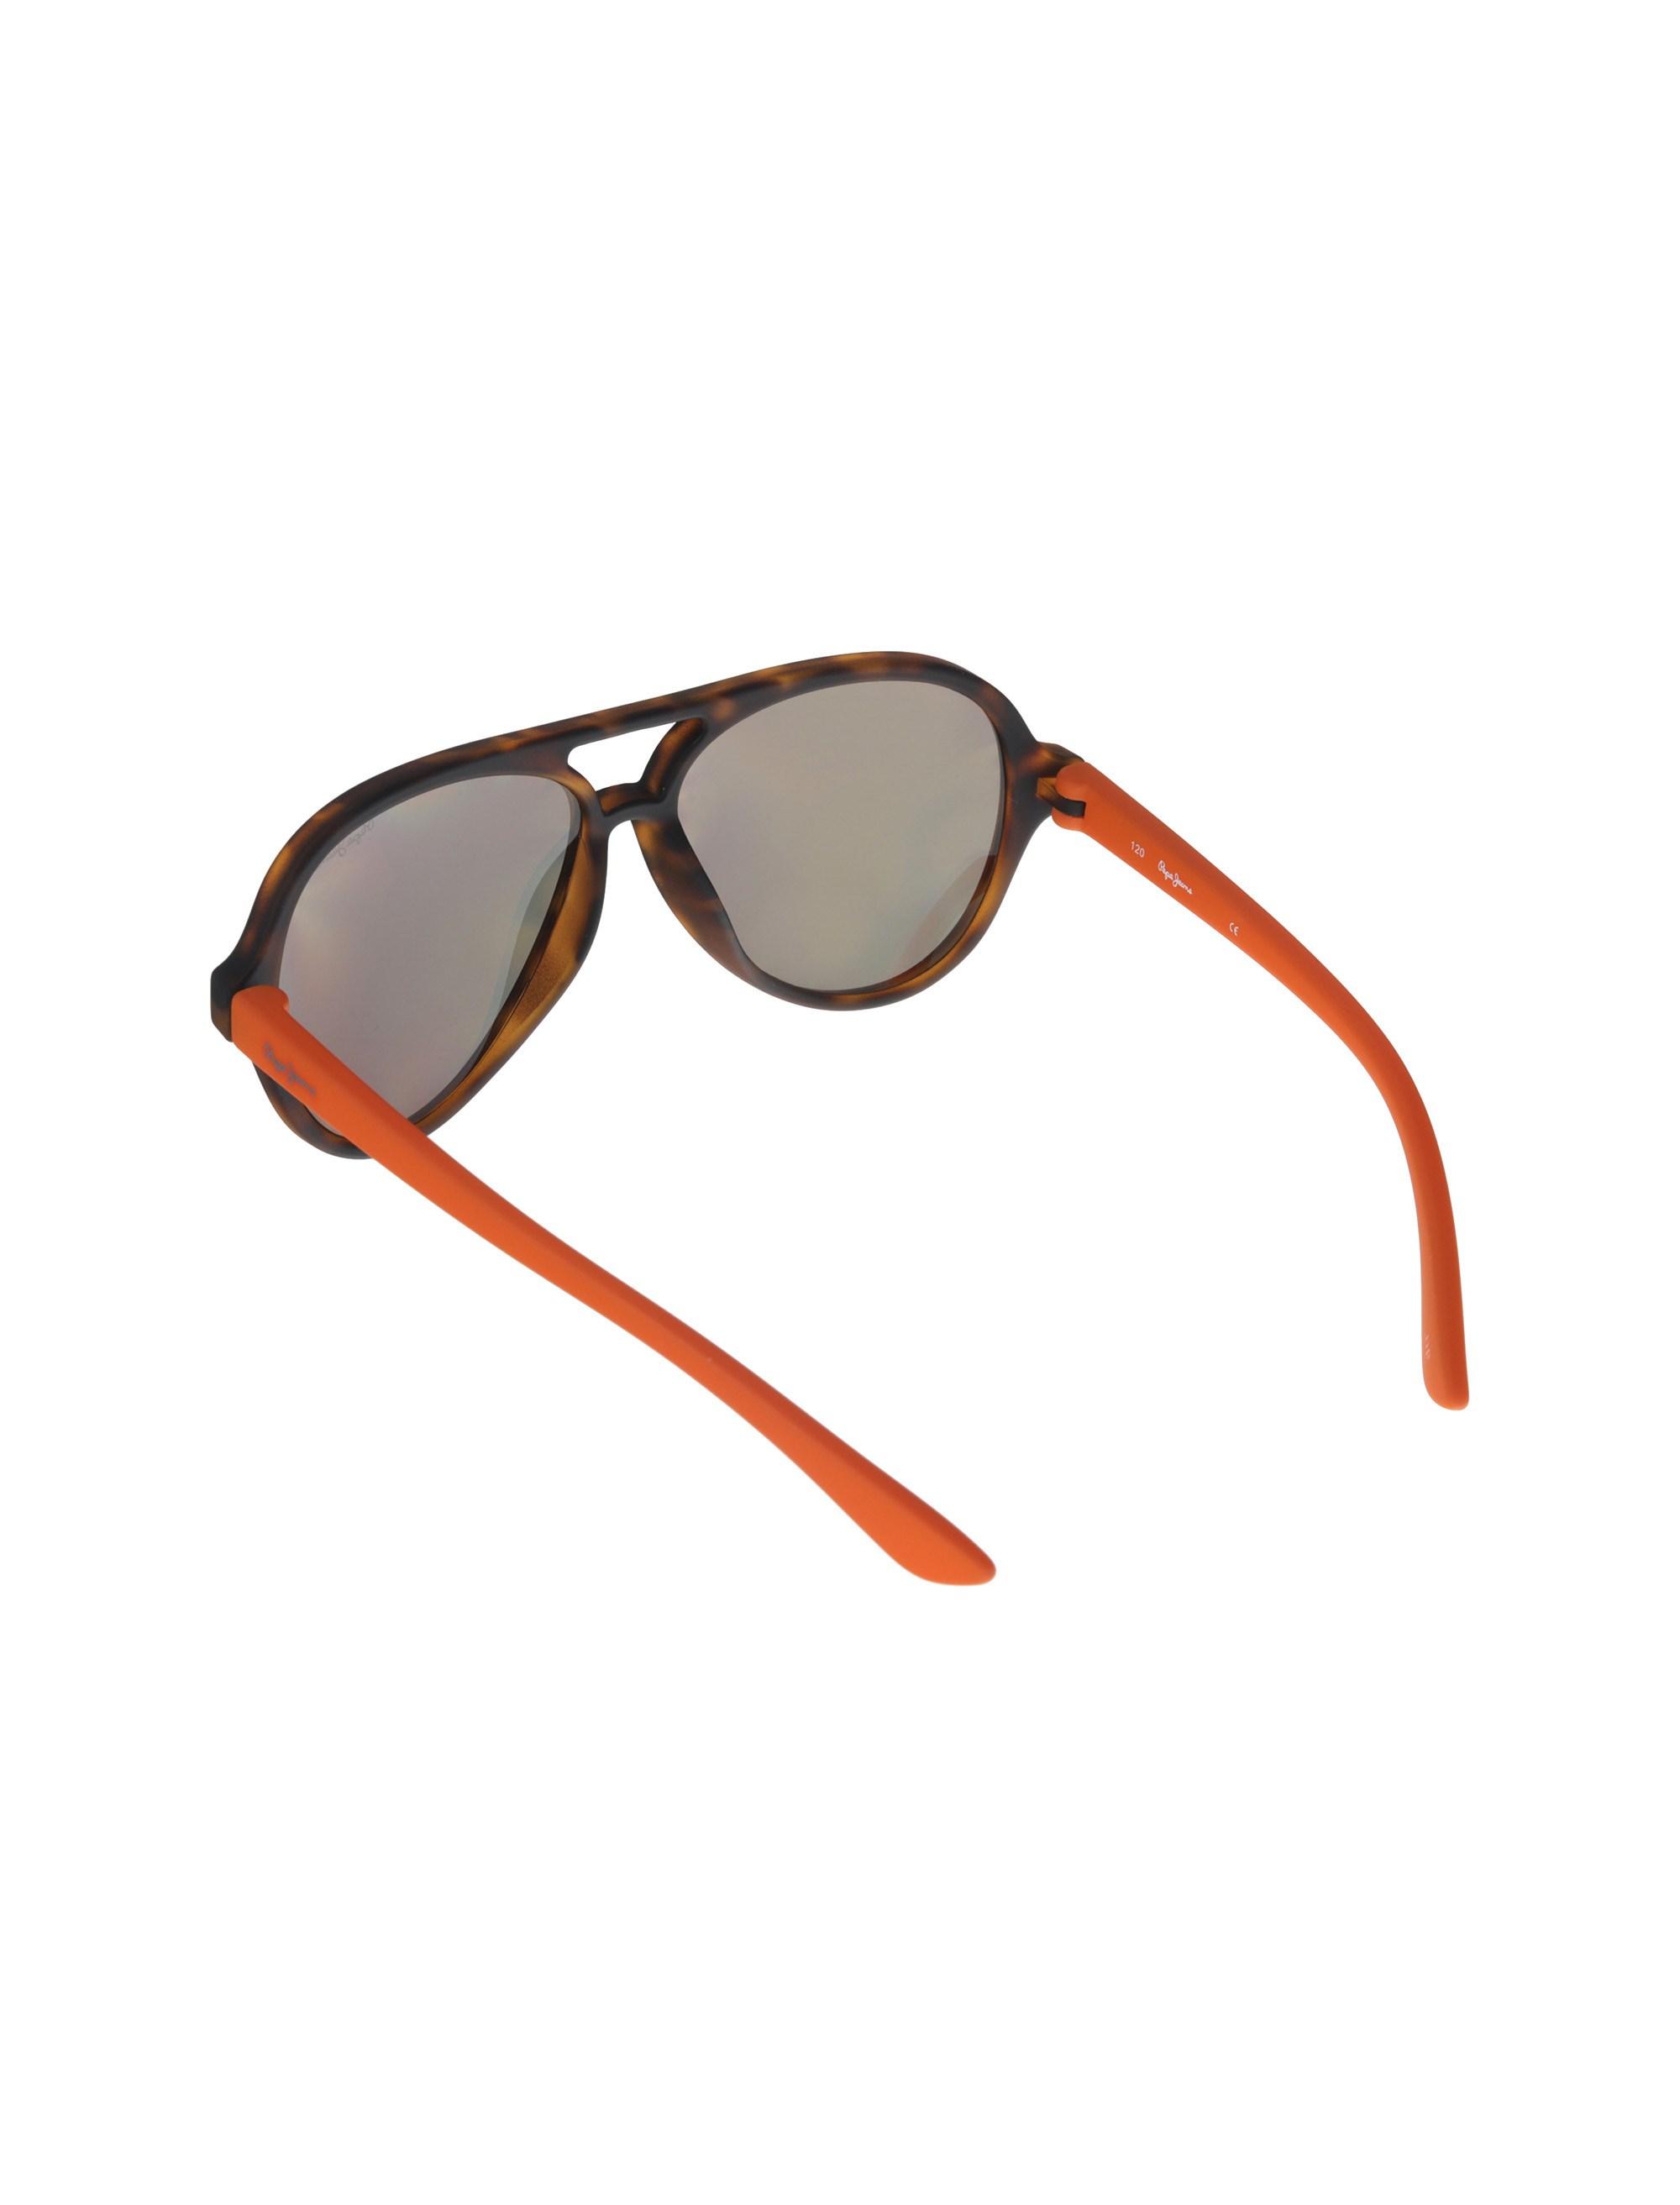 عینک آفتابی خلبانی بچگانه - پپه جینز - قهوه اي و نارنجي - 4